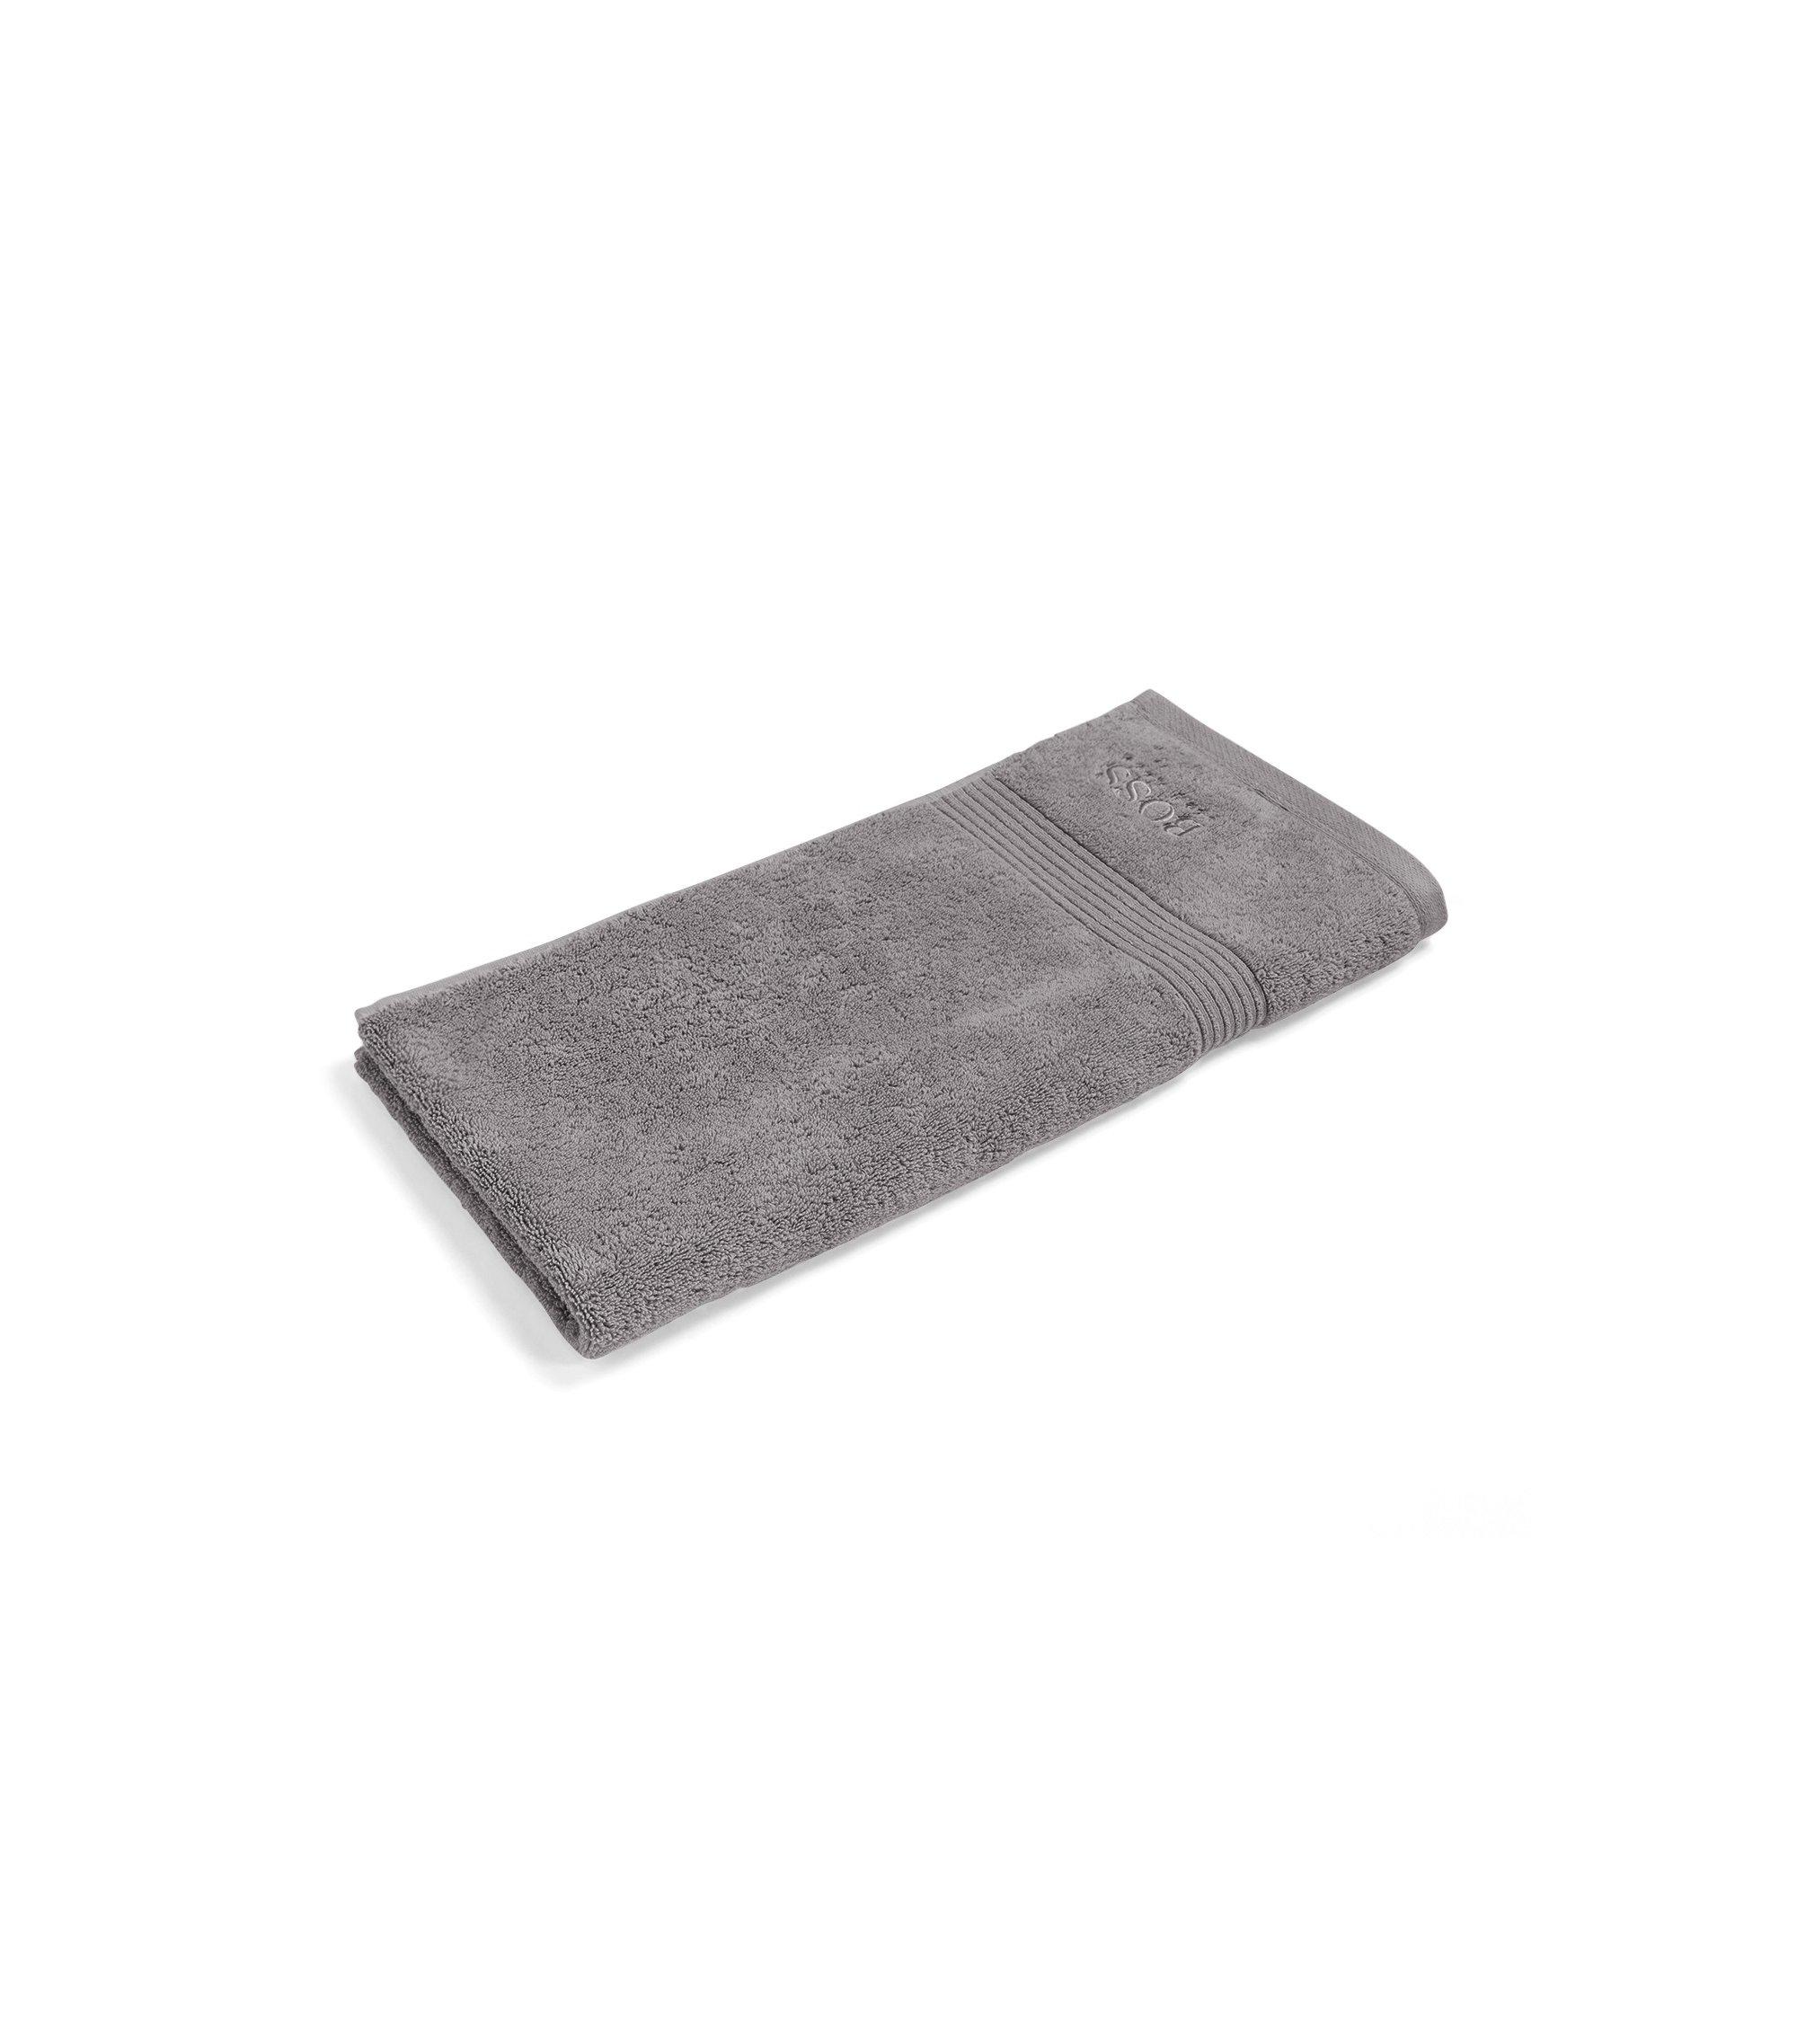 Handtuch aus gekämmter ägäischer Baumwolle mit Ripp-Bordüre, Silber